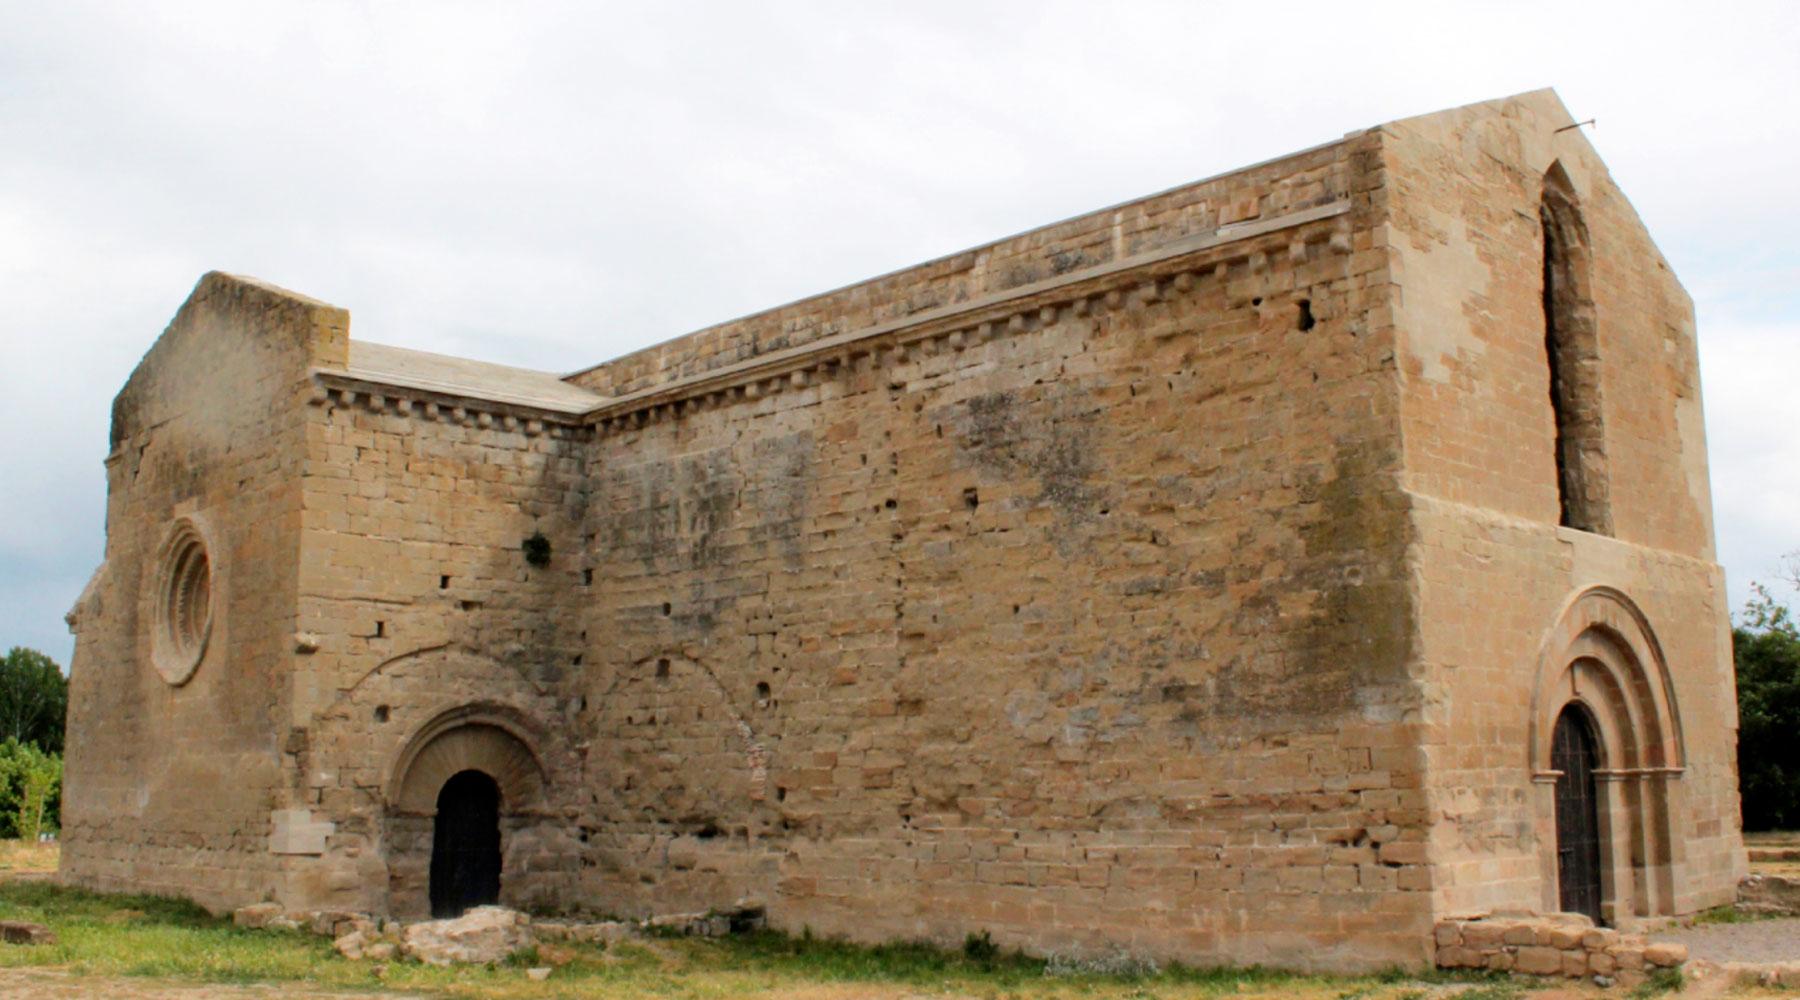 Monestir De Santa Maria De Les Franqueses, Balaguer, Lleida